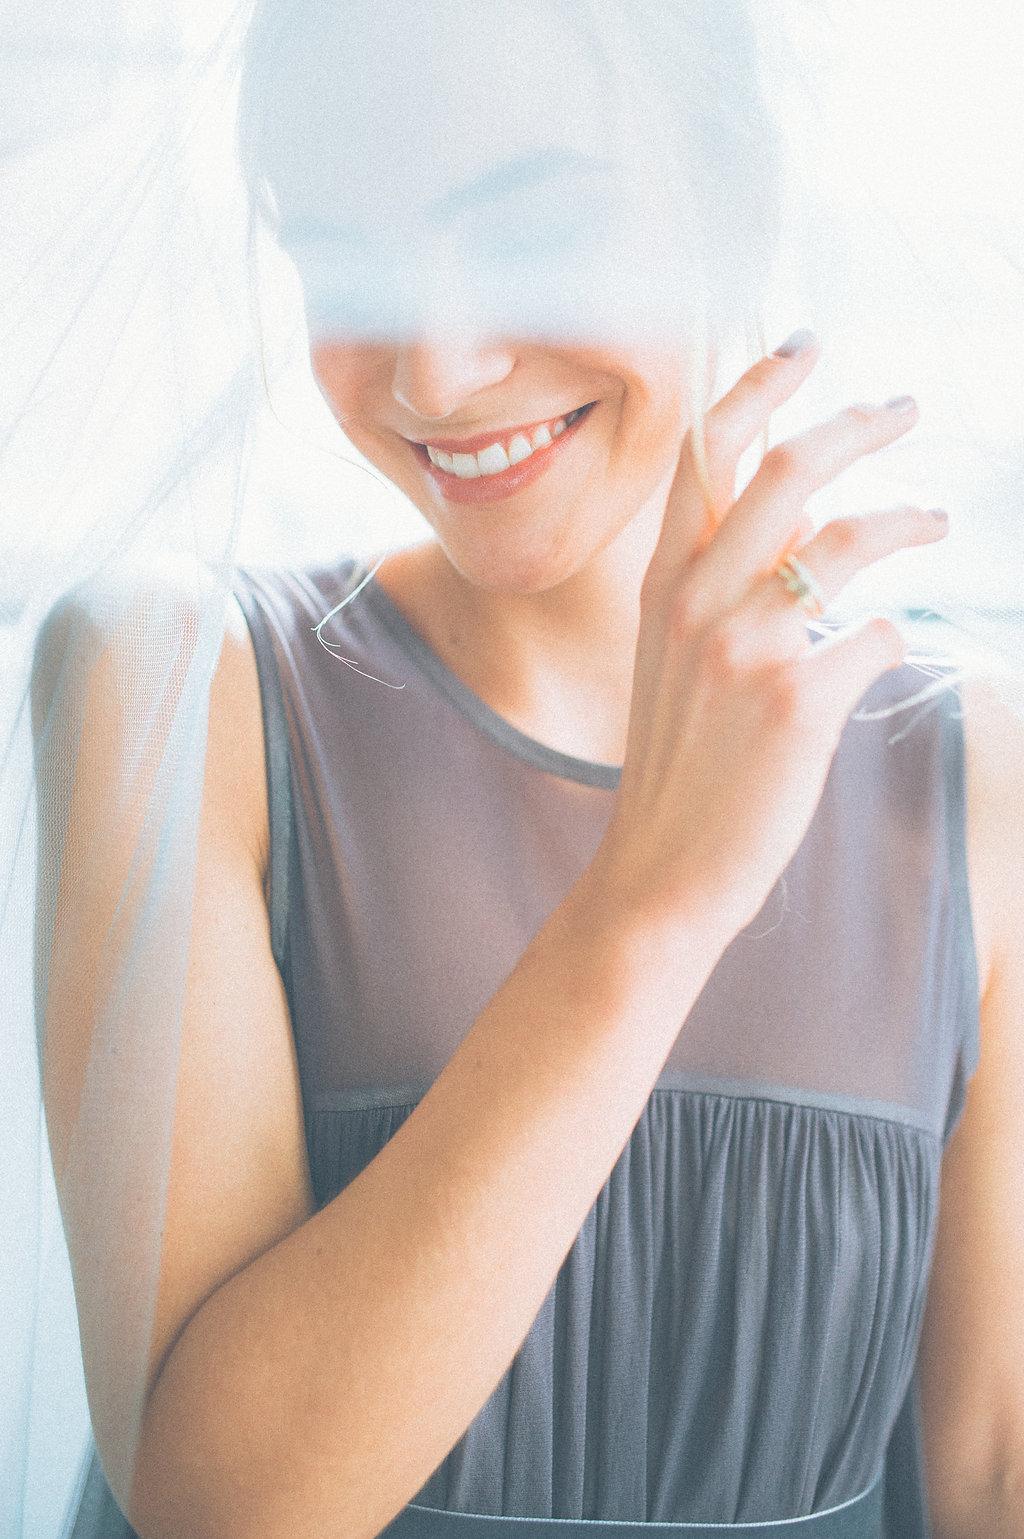 hochzeitsdekoration, München, kolbermoor, alte Spinnerei, Brautstrauß, Hochzeit, Hochzeitsdeko, Wedding planer, Blumendeko, winter hochzeit